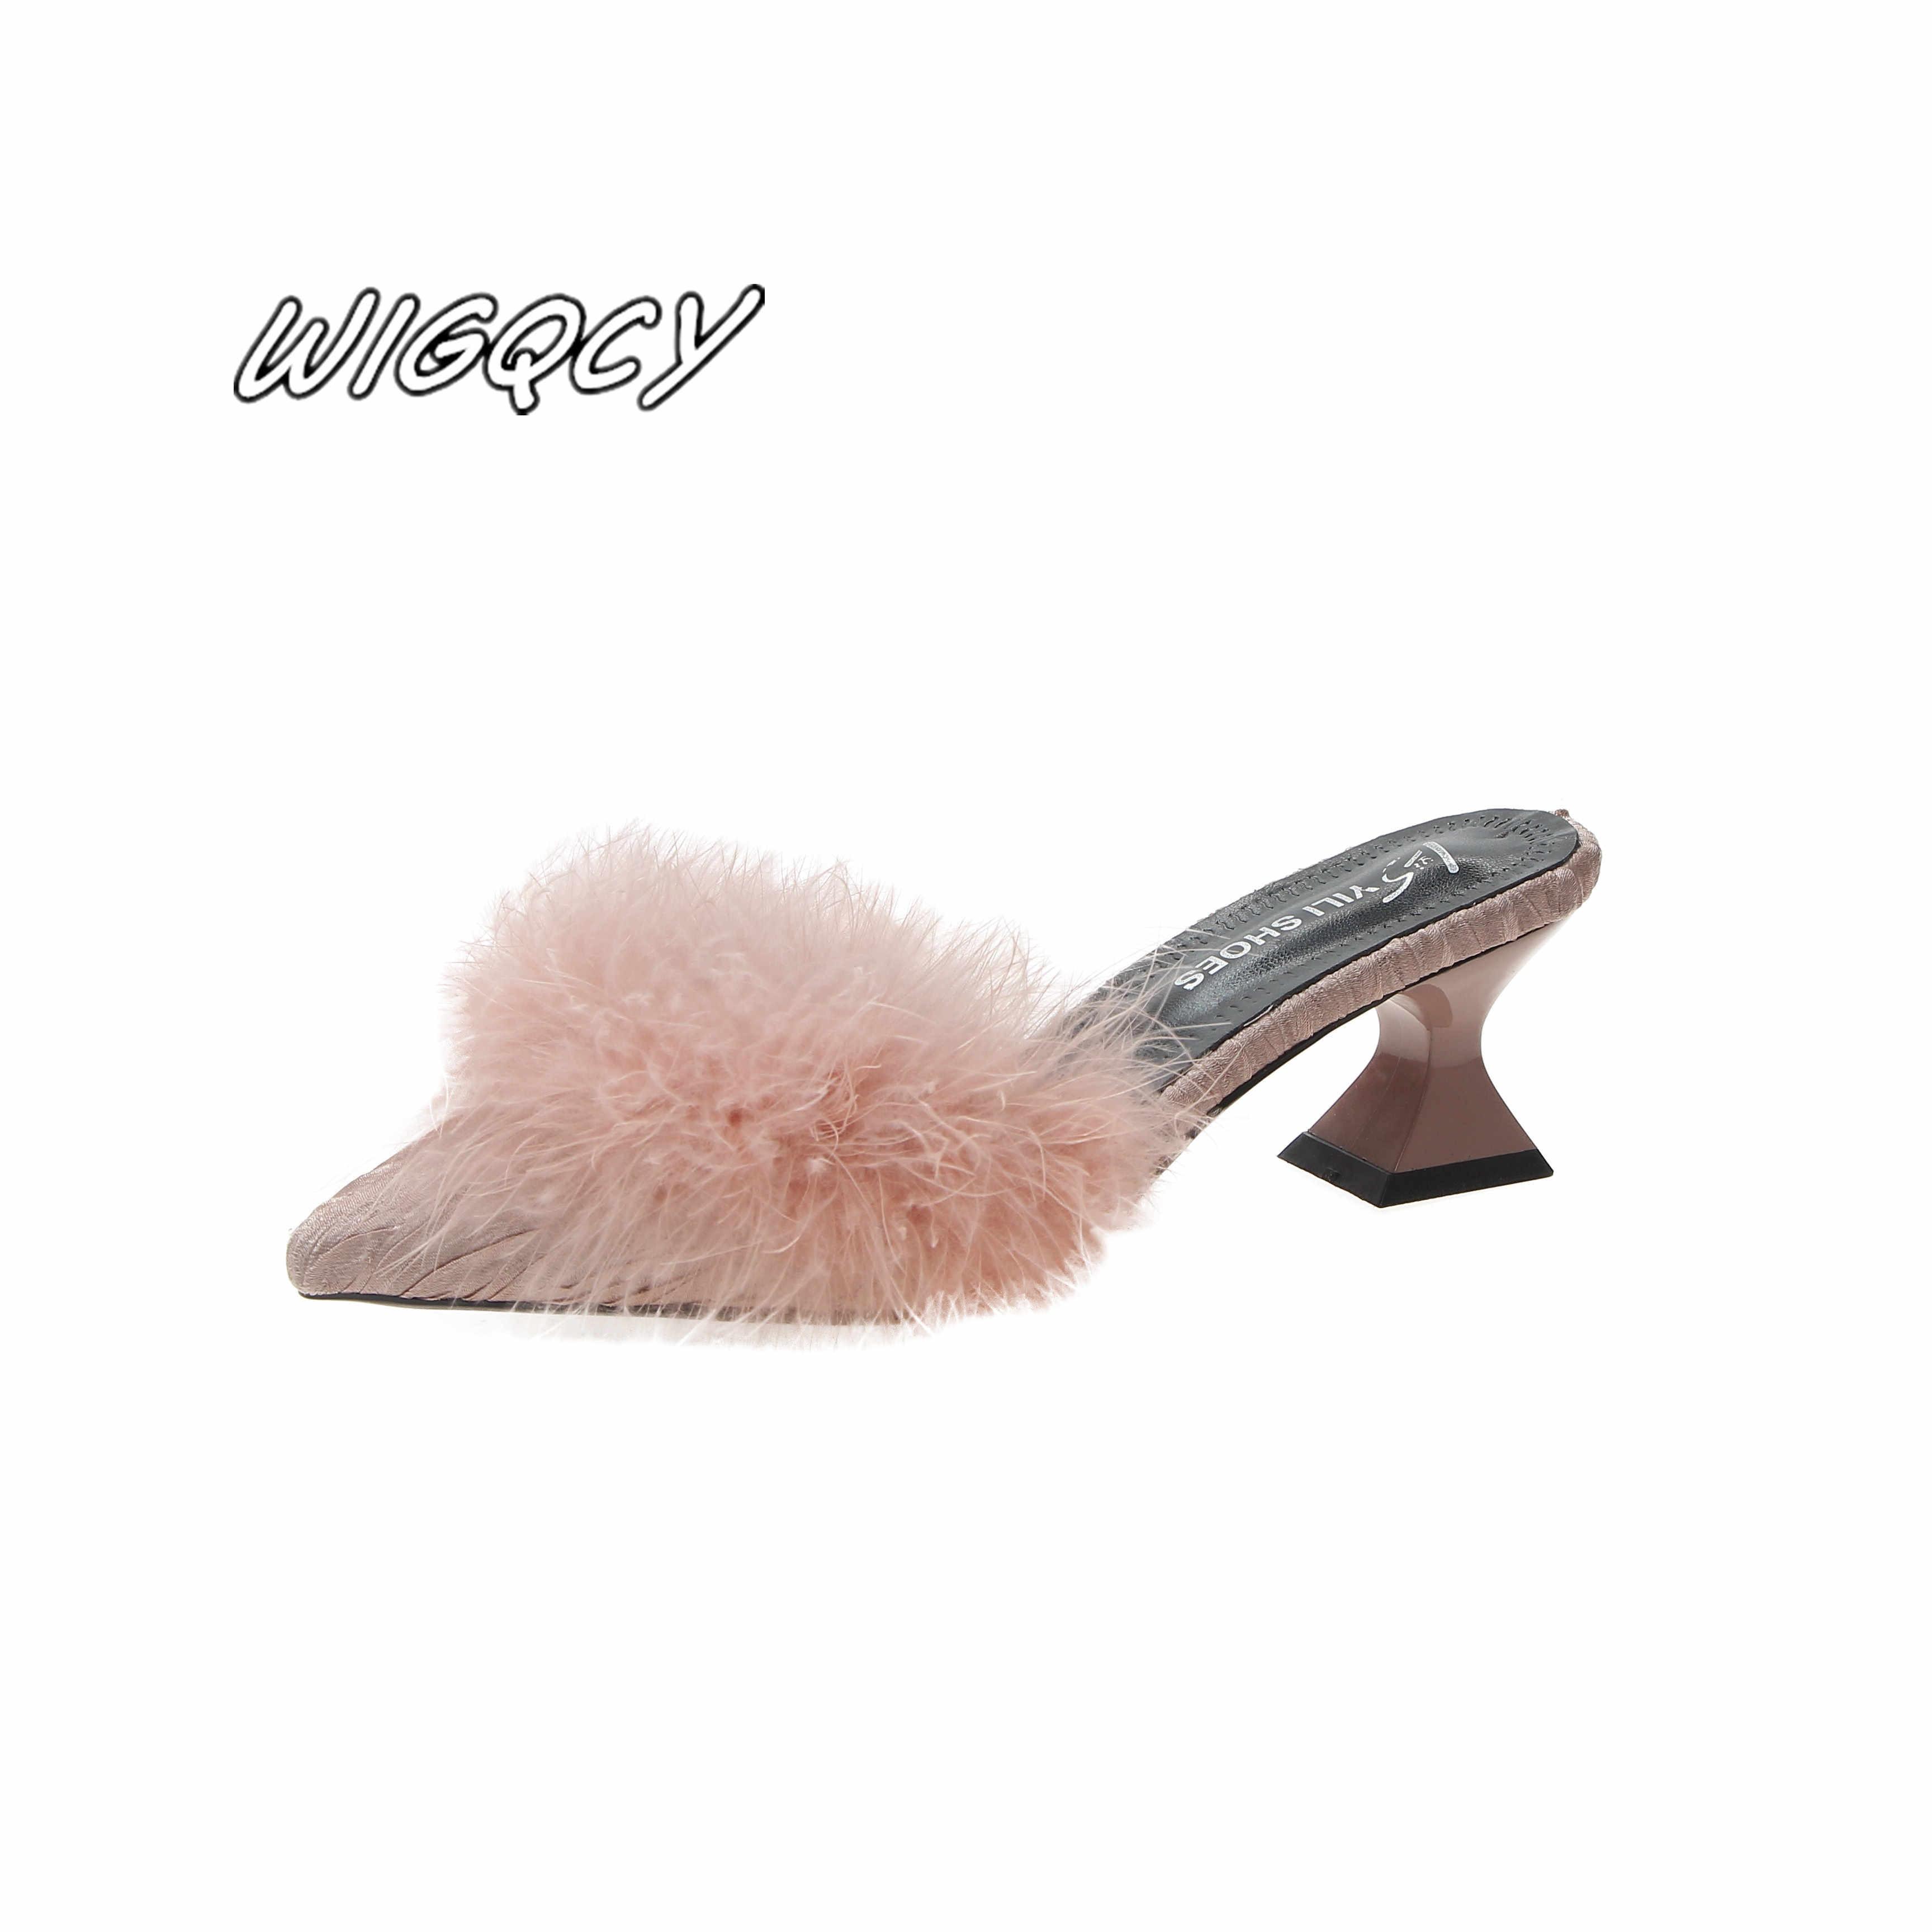 2019 新女性のセットつま先型非スリップハイヒールファッションゴム底弾性布夏浅い毛皮の靴